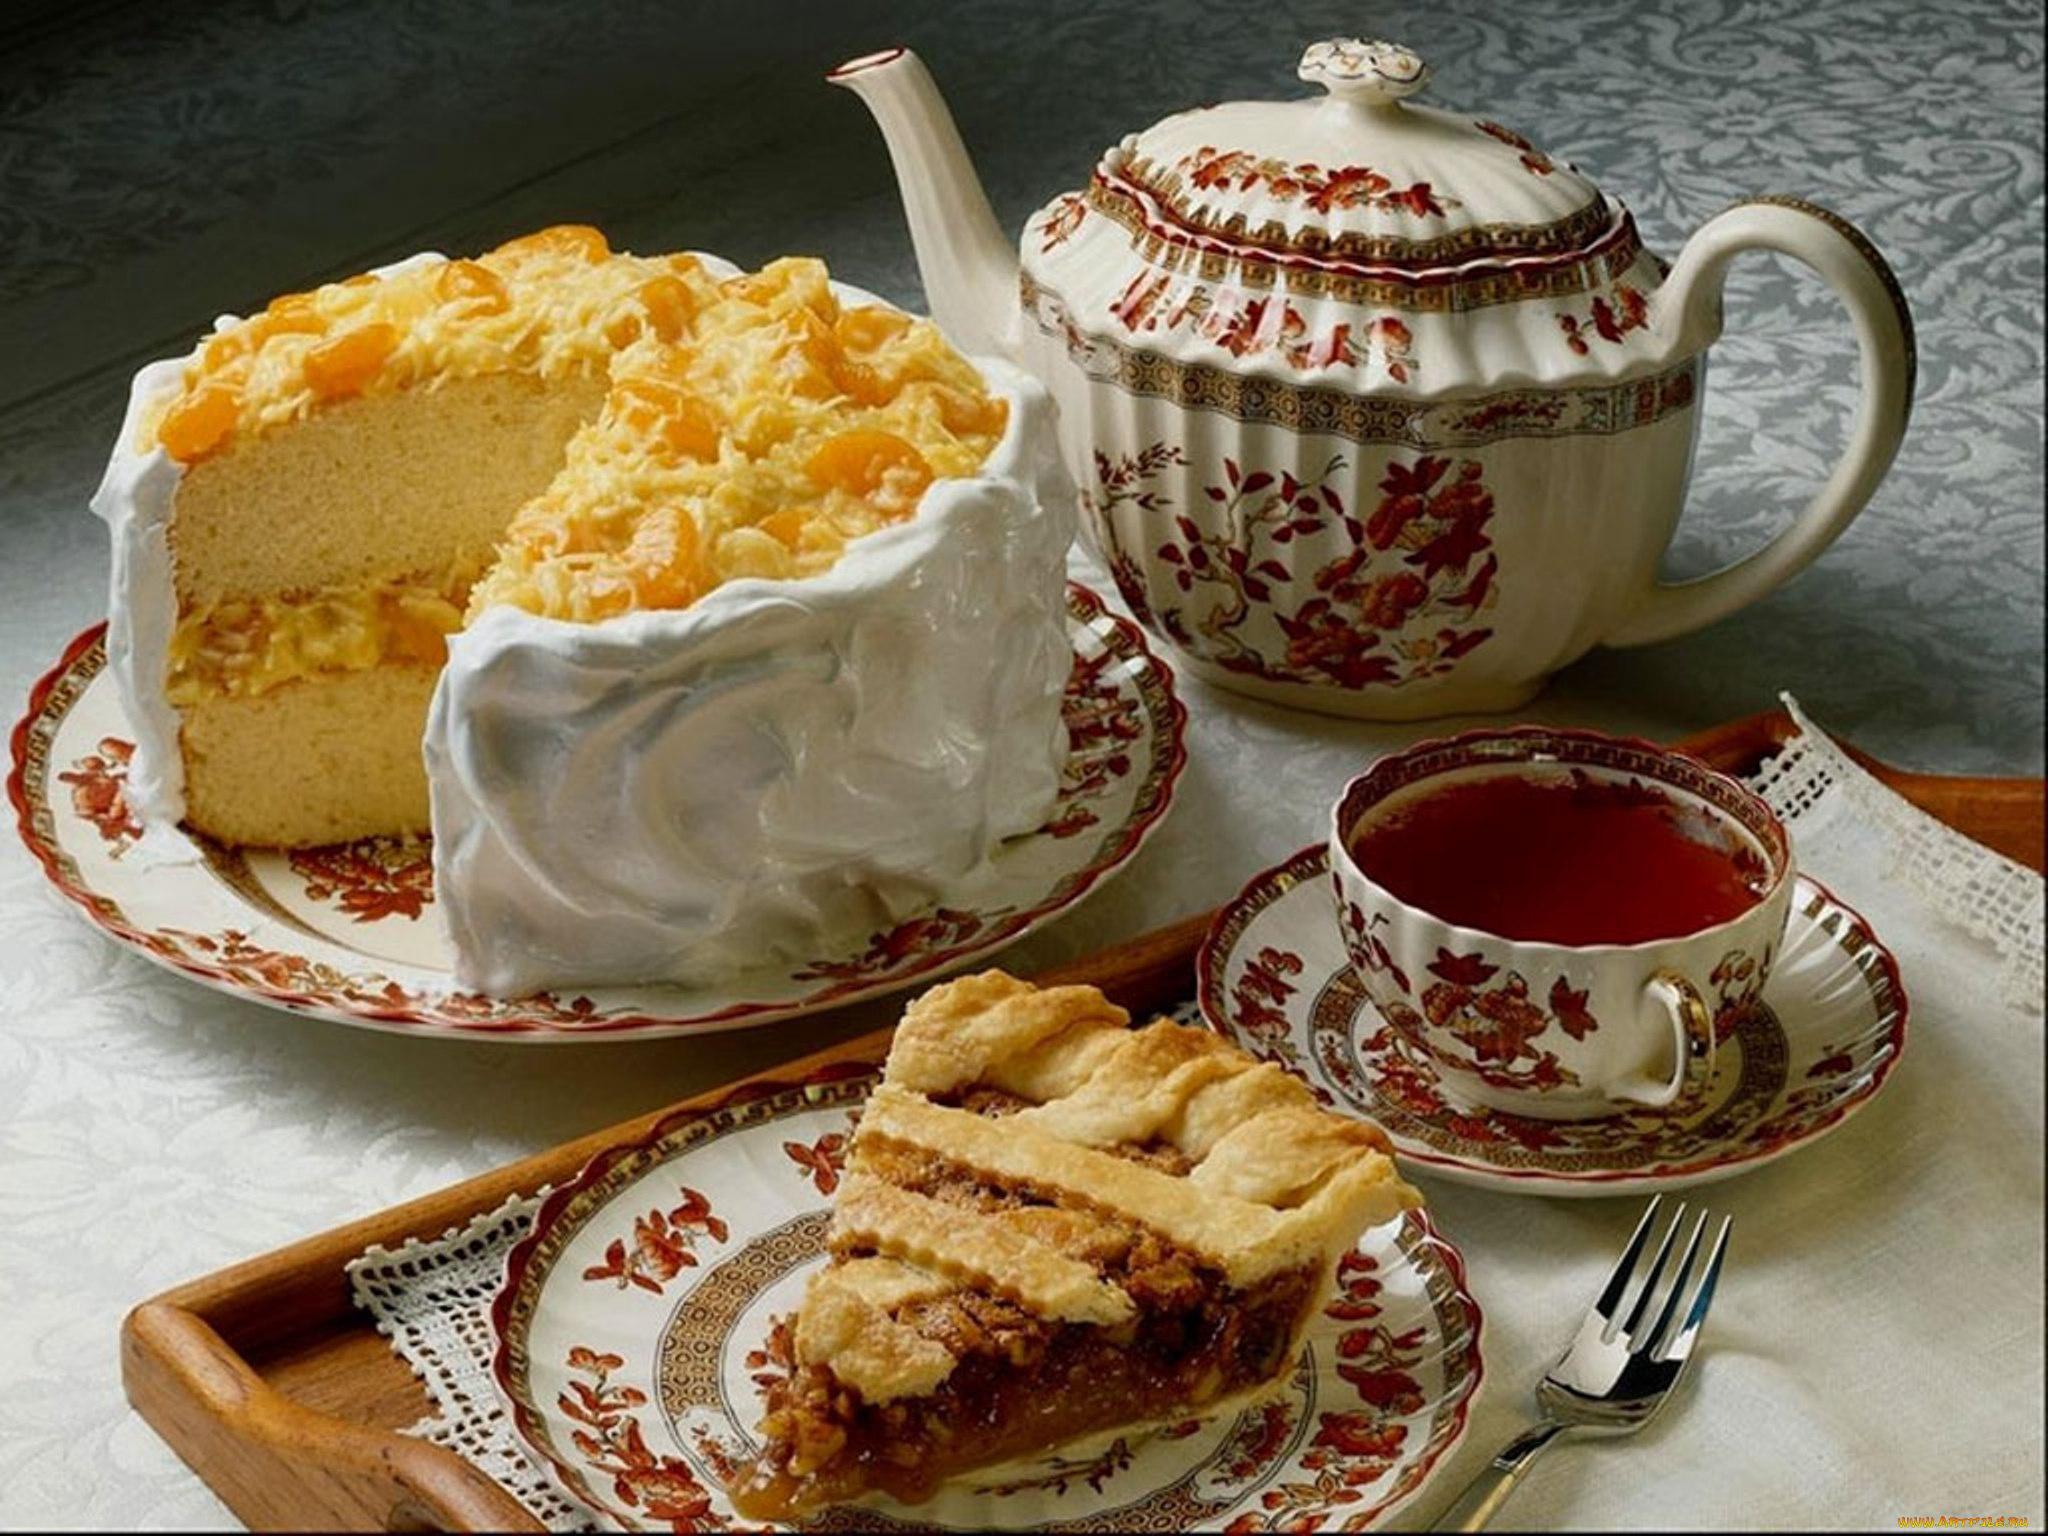 Сестренке спокойной, картинки тортик с чаем